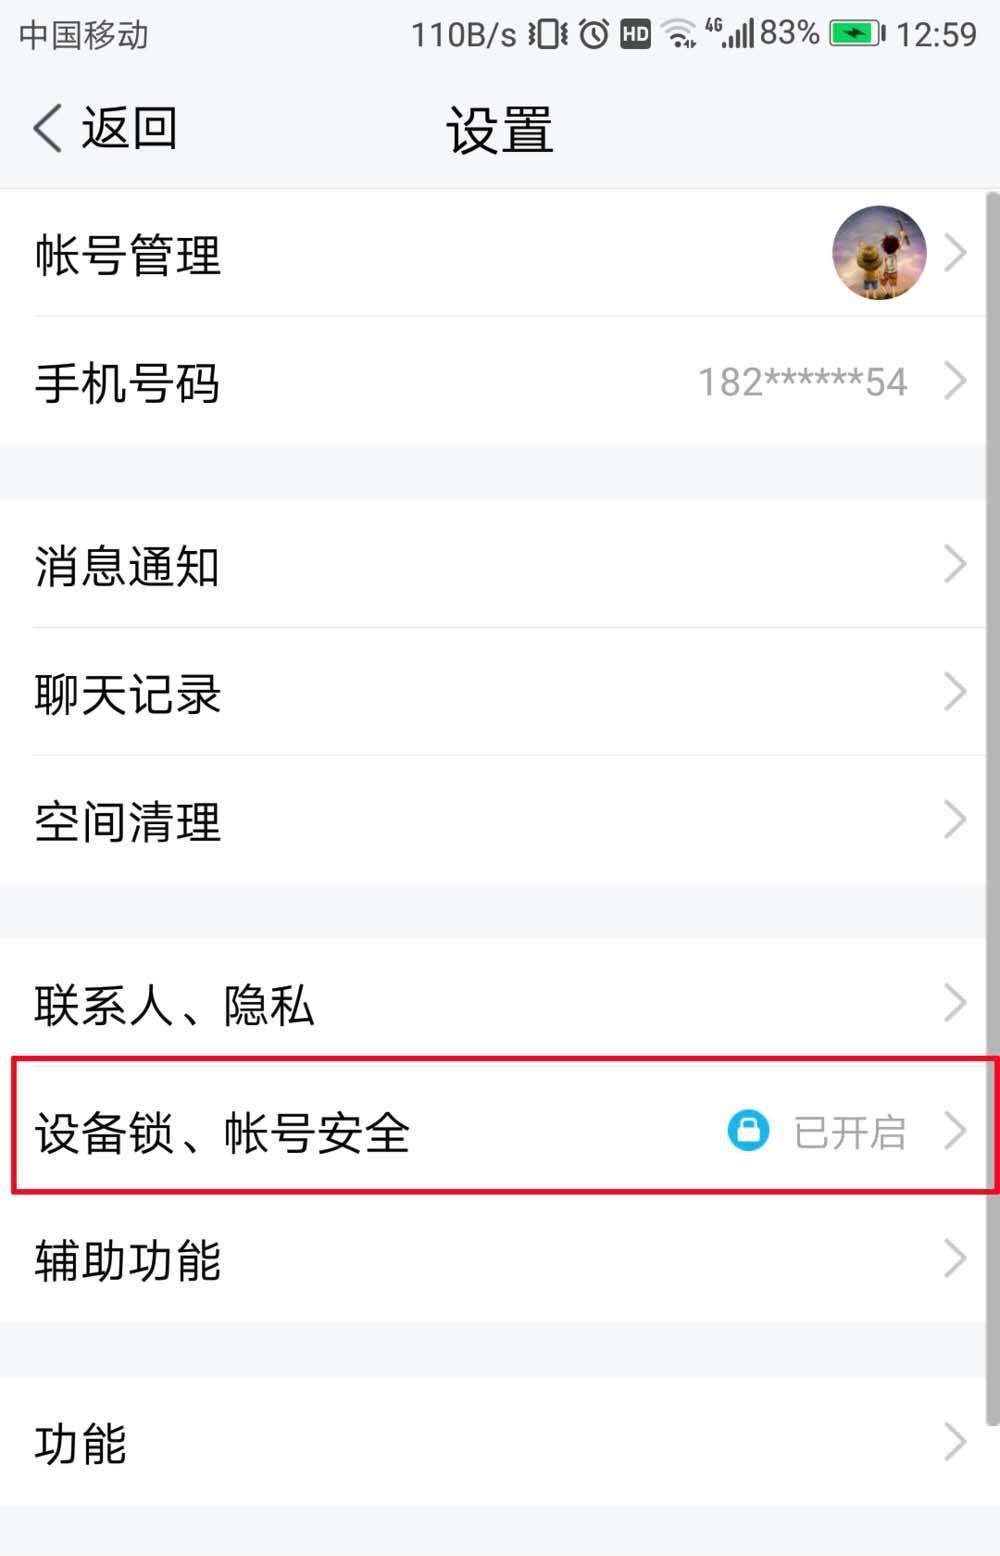 如何删除qq登陆_TIM怎么查询登录记录? 查看TIM登录记录的教程 - 卡饭网